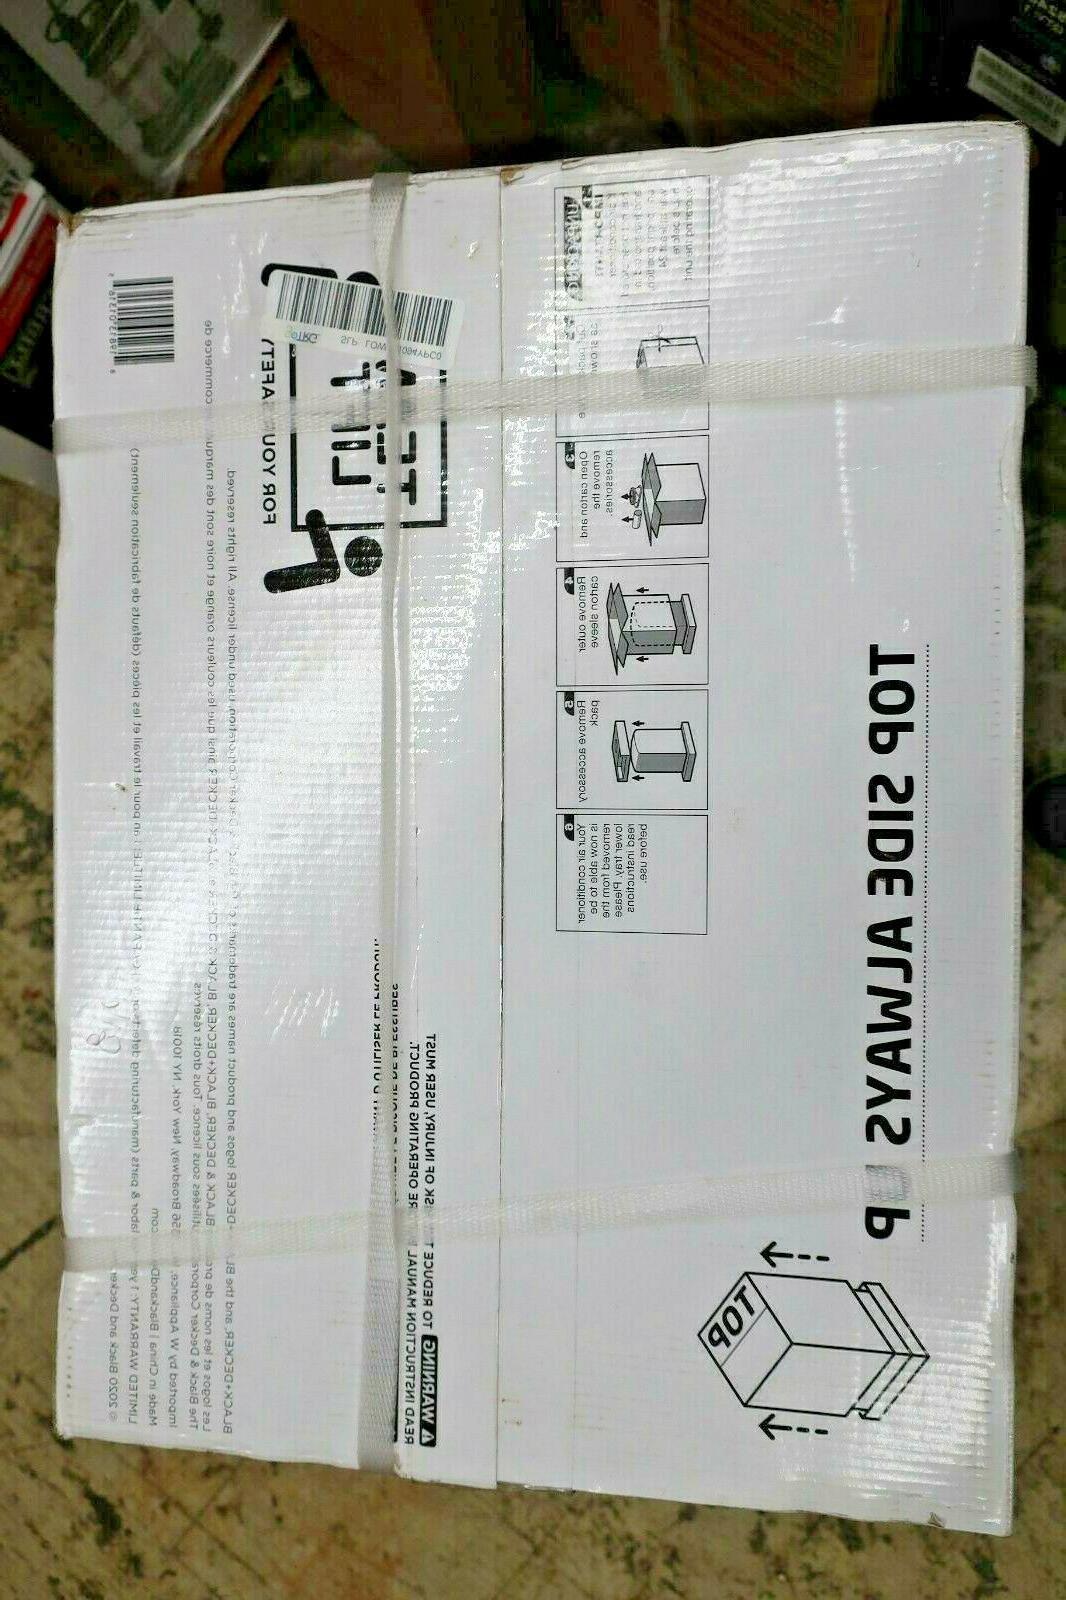 Black Decker Portable BTU BPACT10WT *